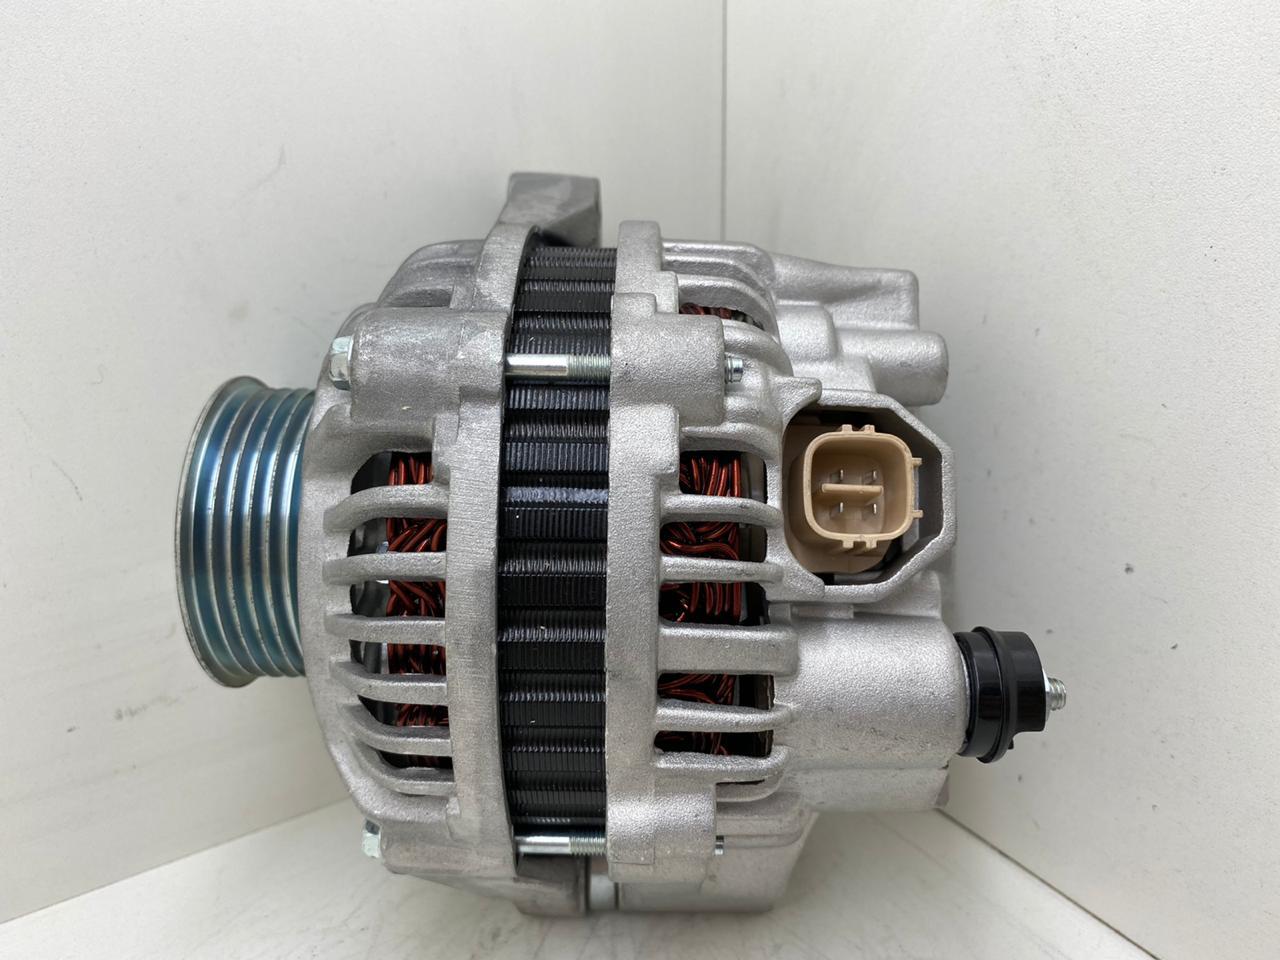 Alternador HONDA CIVIC 1.7 2001 a 2004 12V 70A e 75A T210 A5TA7091 A005TA7091ZC AHGA50 13893 D 10231 AEC21073